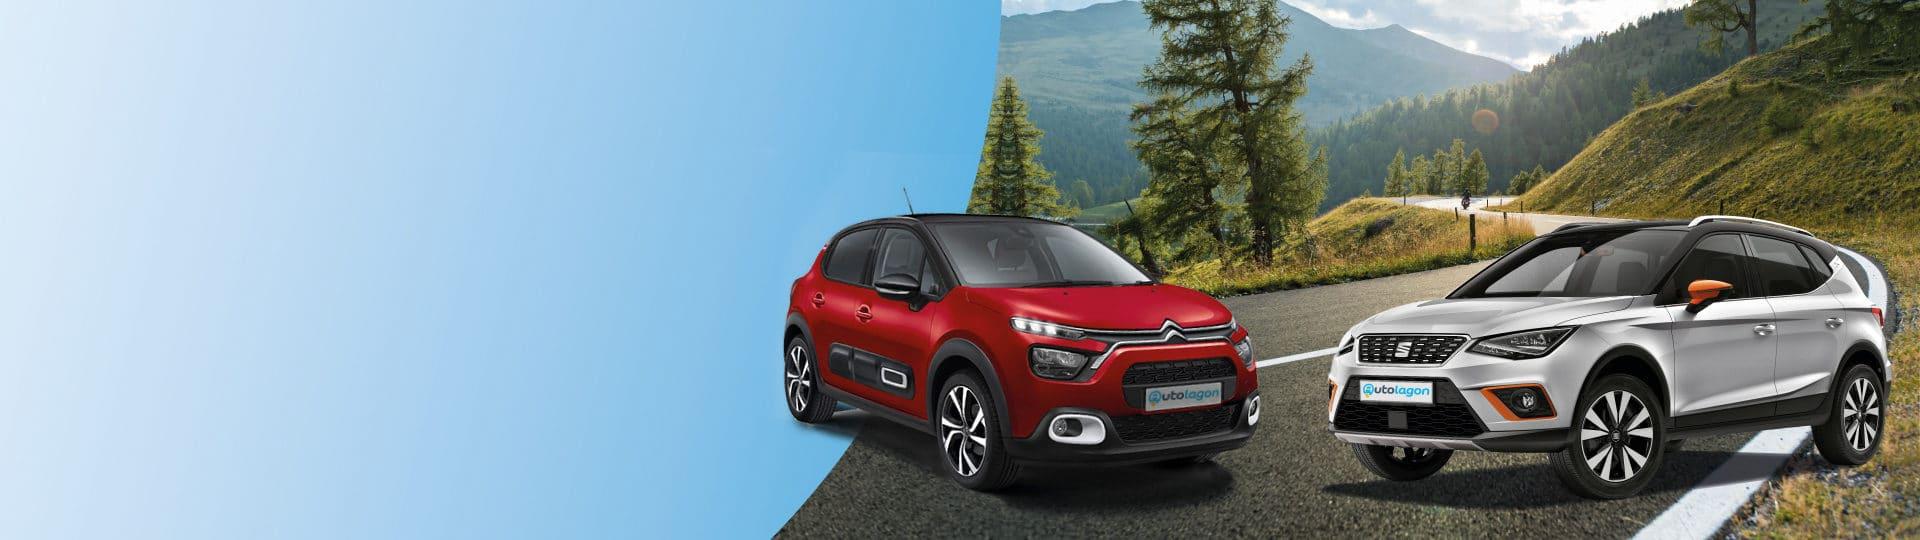 Réservez votre voiture de location au meilleur prix à Digne Les Bains